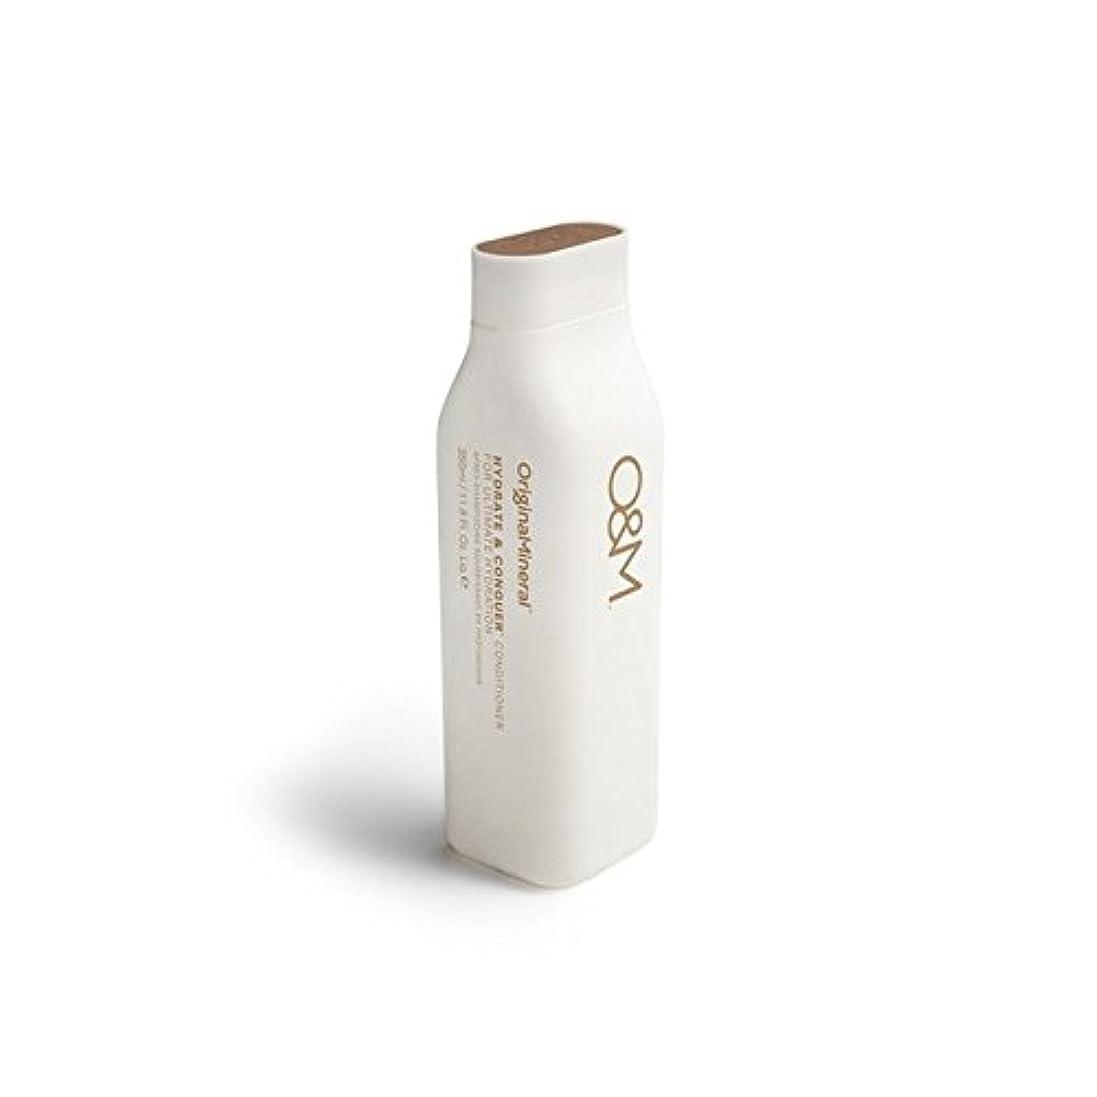 病弱困惑する風景Original & Mineral Hydrate And Conquer Conditioner (350ml) - オリジナル&ミネラル水和物及びコンディショナー(350ミリリットル)を征服 [並行輸入品]